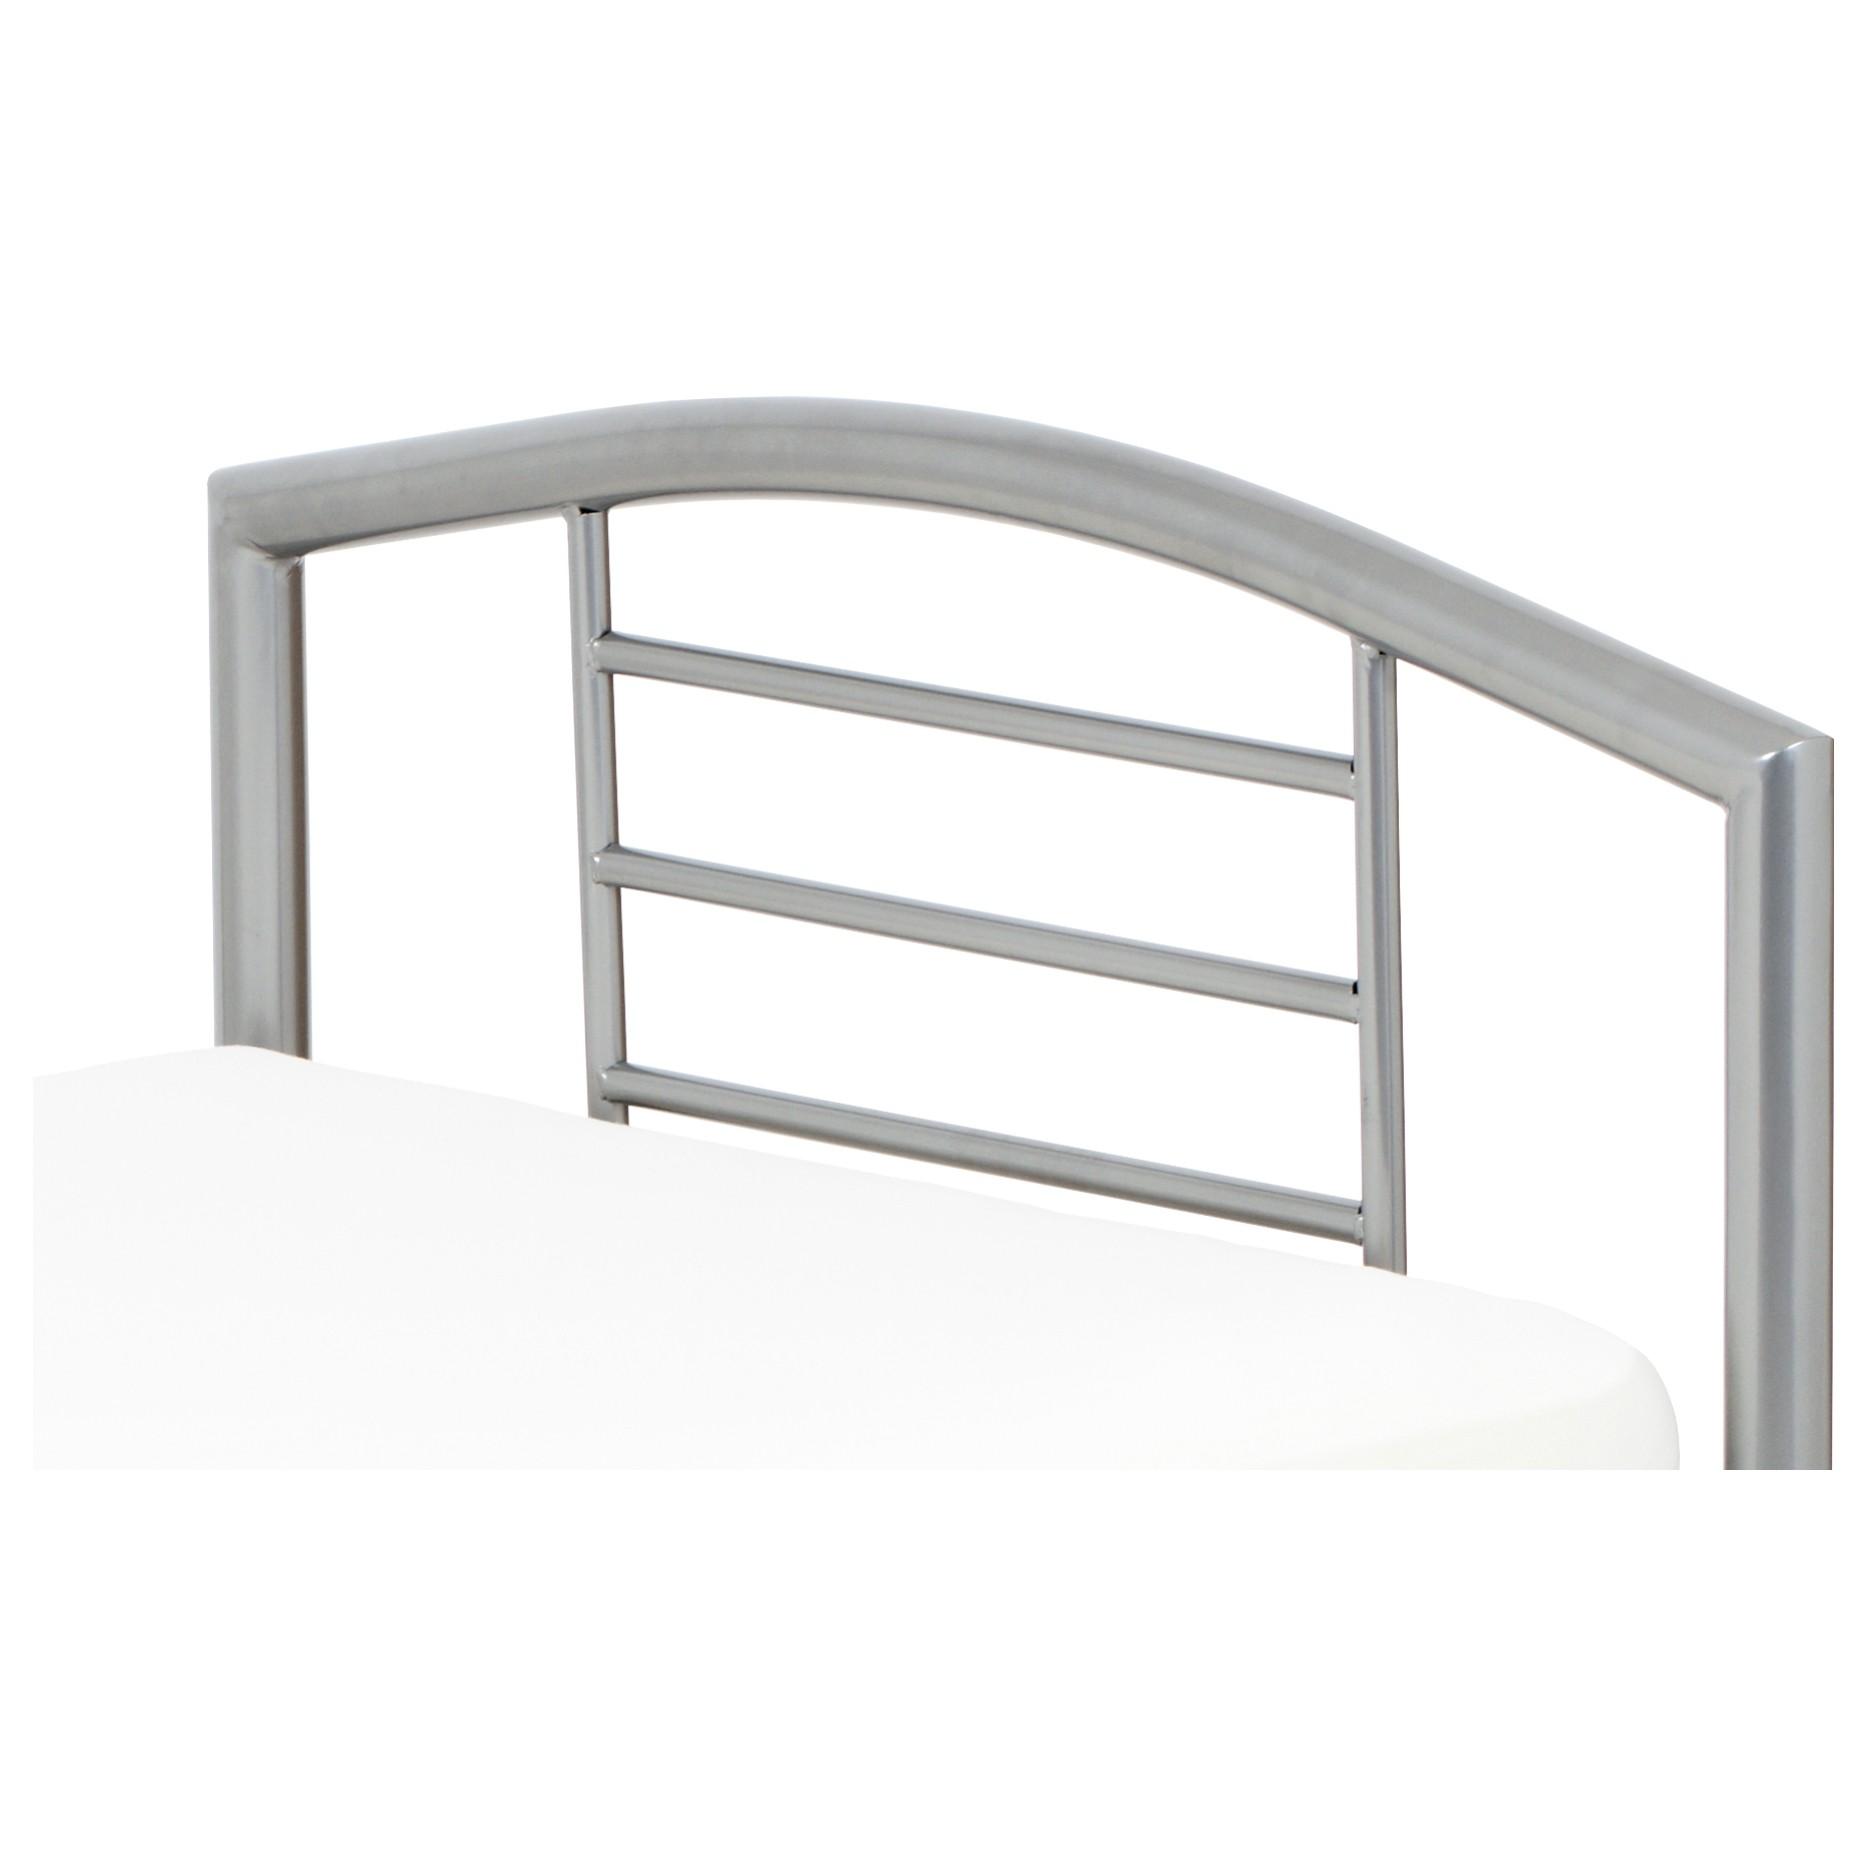 Sconto Posteľ CORTINA sivá, 90x200 cm Jednolôžková posteľ CORTINA je tvorená stabilným kovovým rámom s odolným lakovaným povrchom.